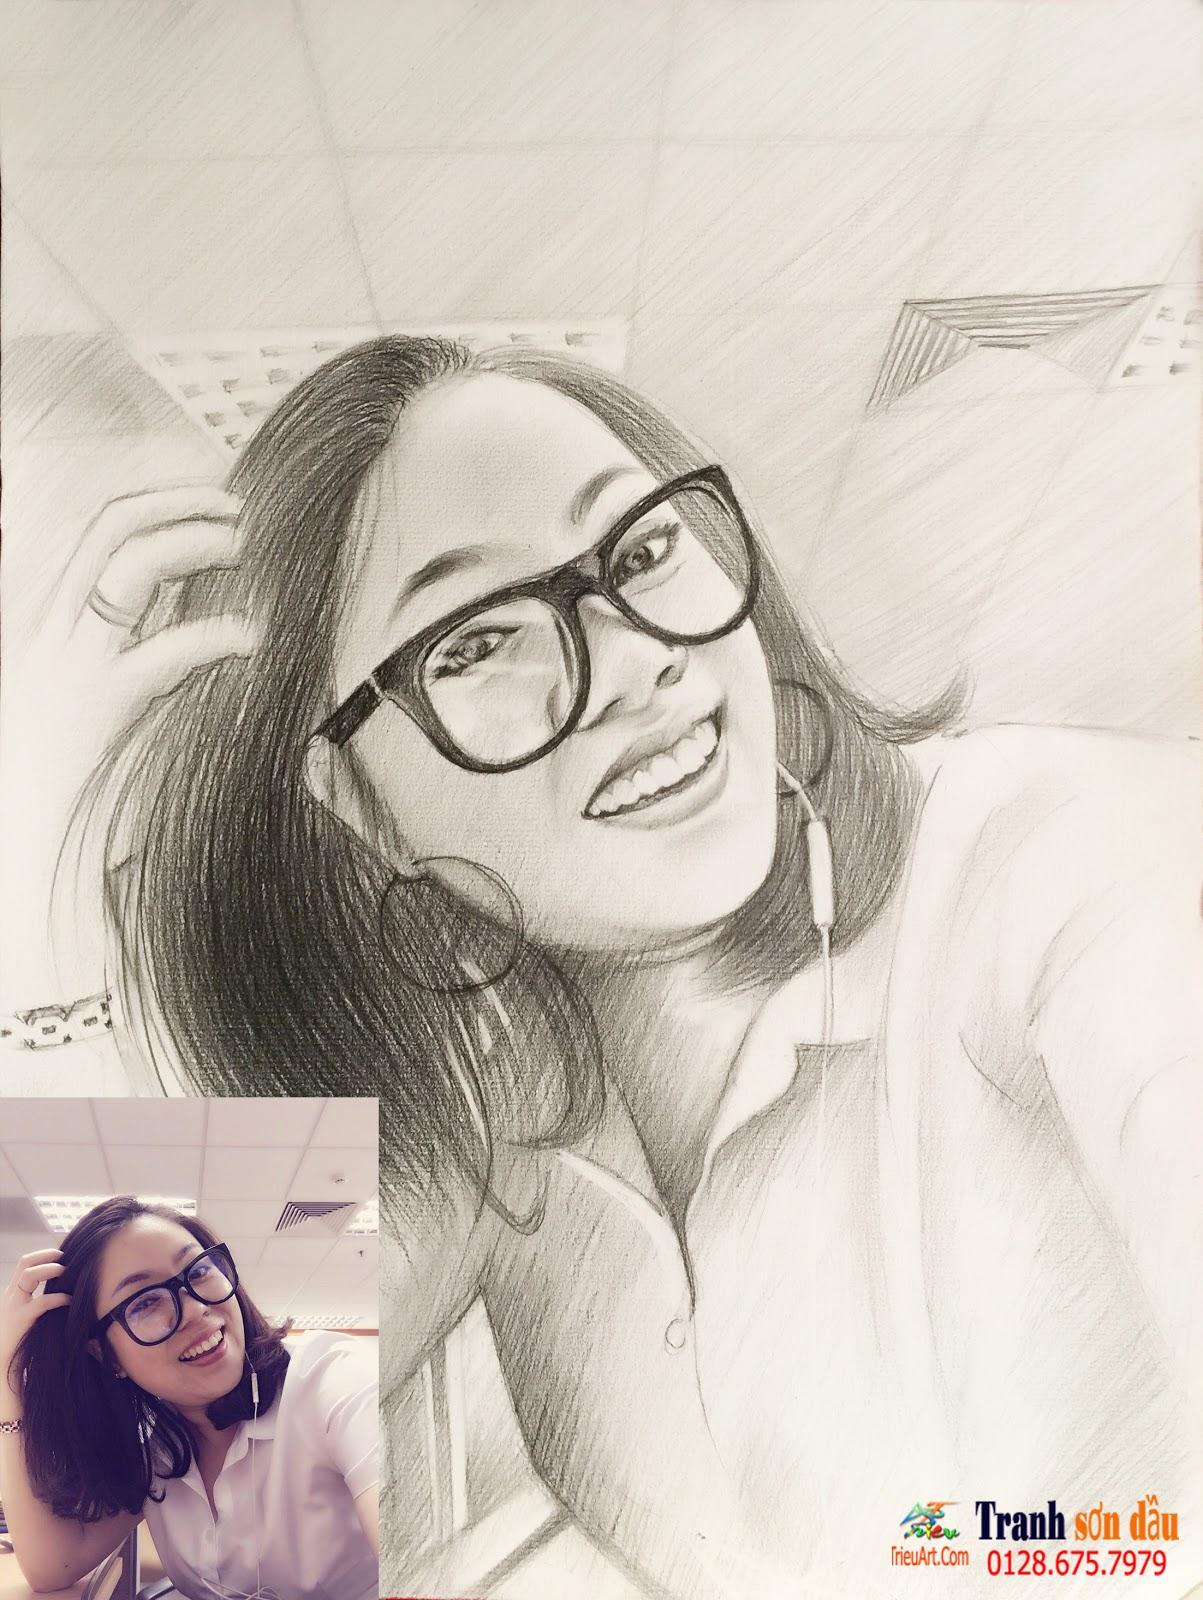 vẽ chân dung chì tặng bạn gái